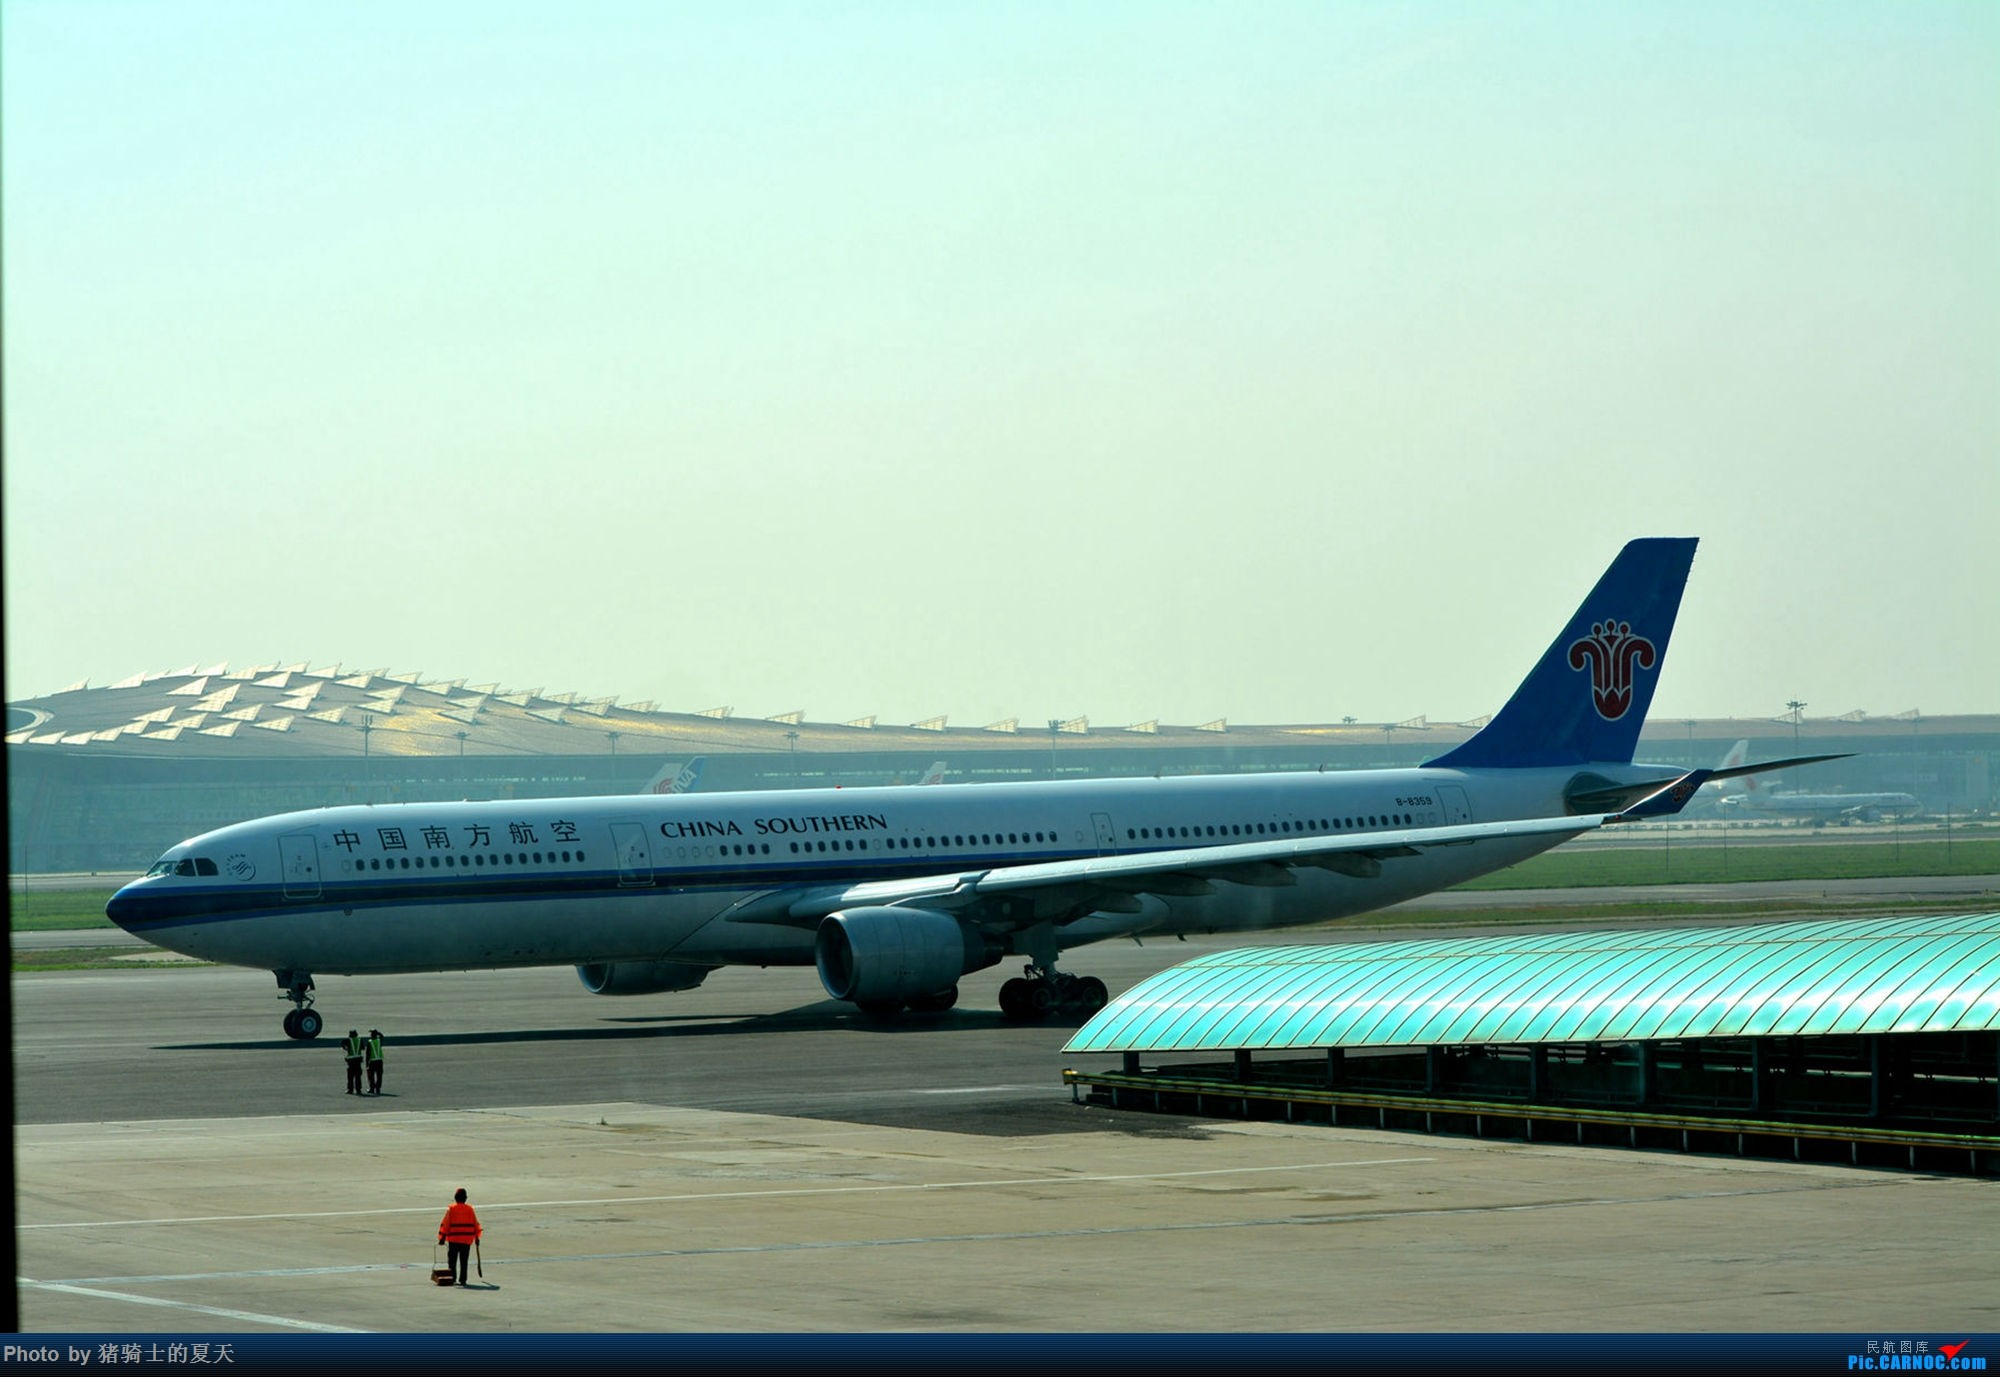 Re:[原创]迟到帖--空铁联运,空客380商务舱初体验 AIRBUS A330-300 B-8359